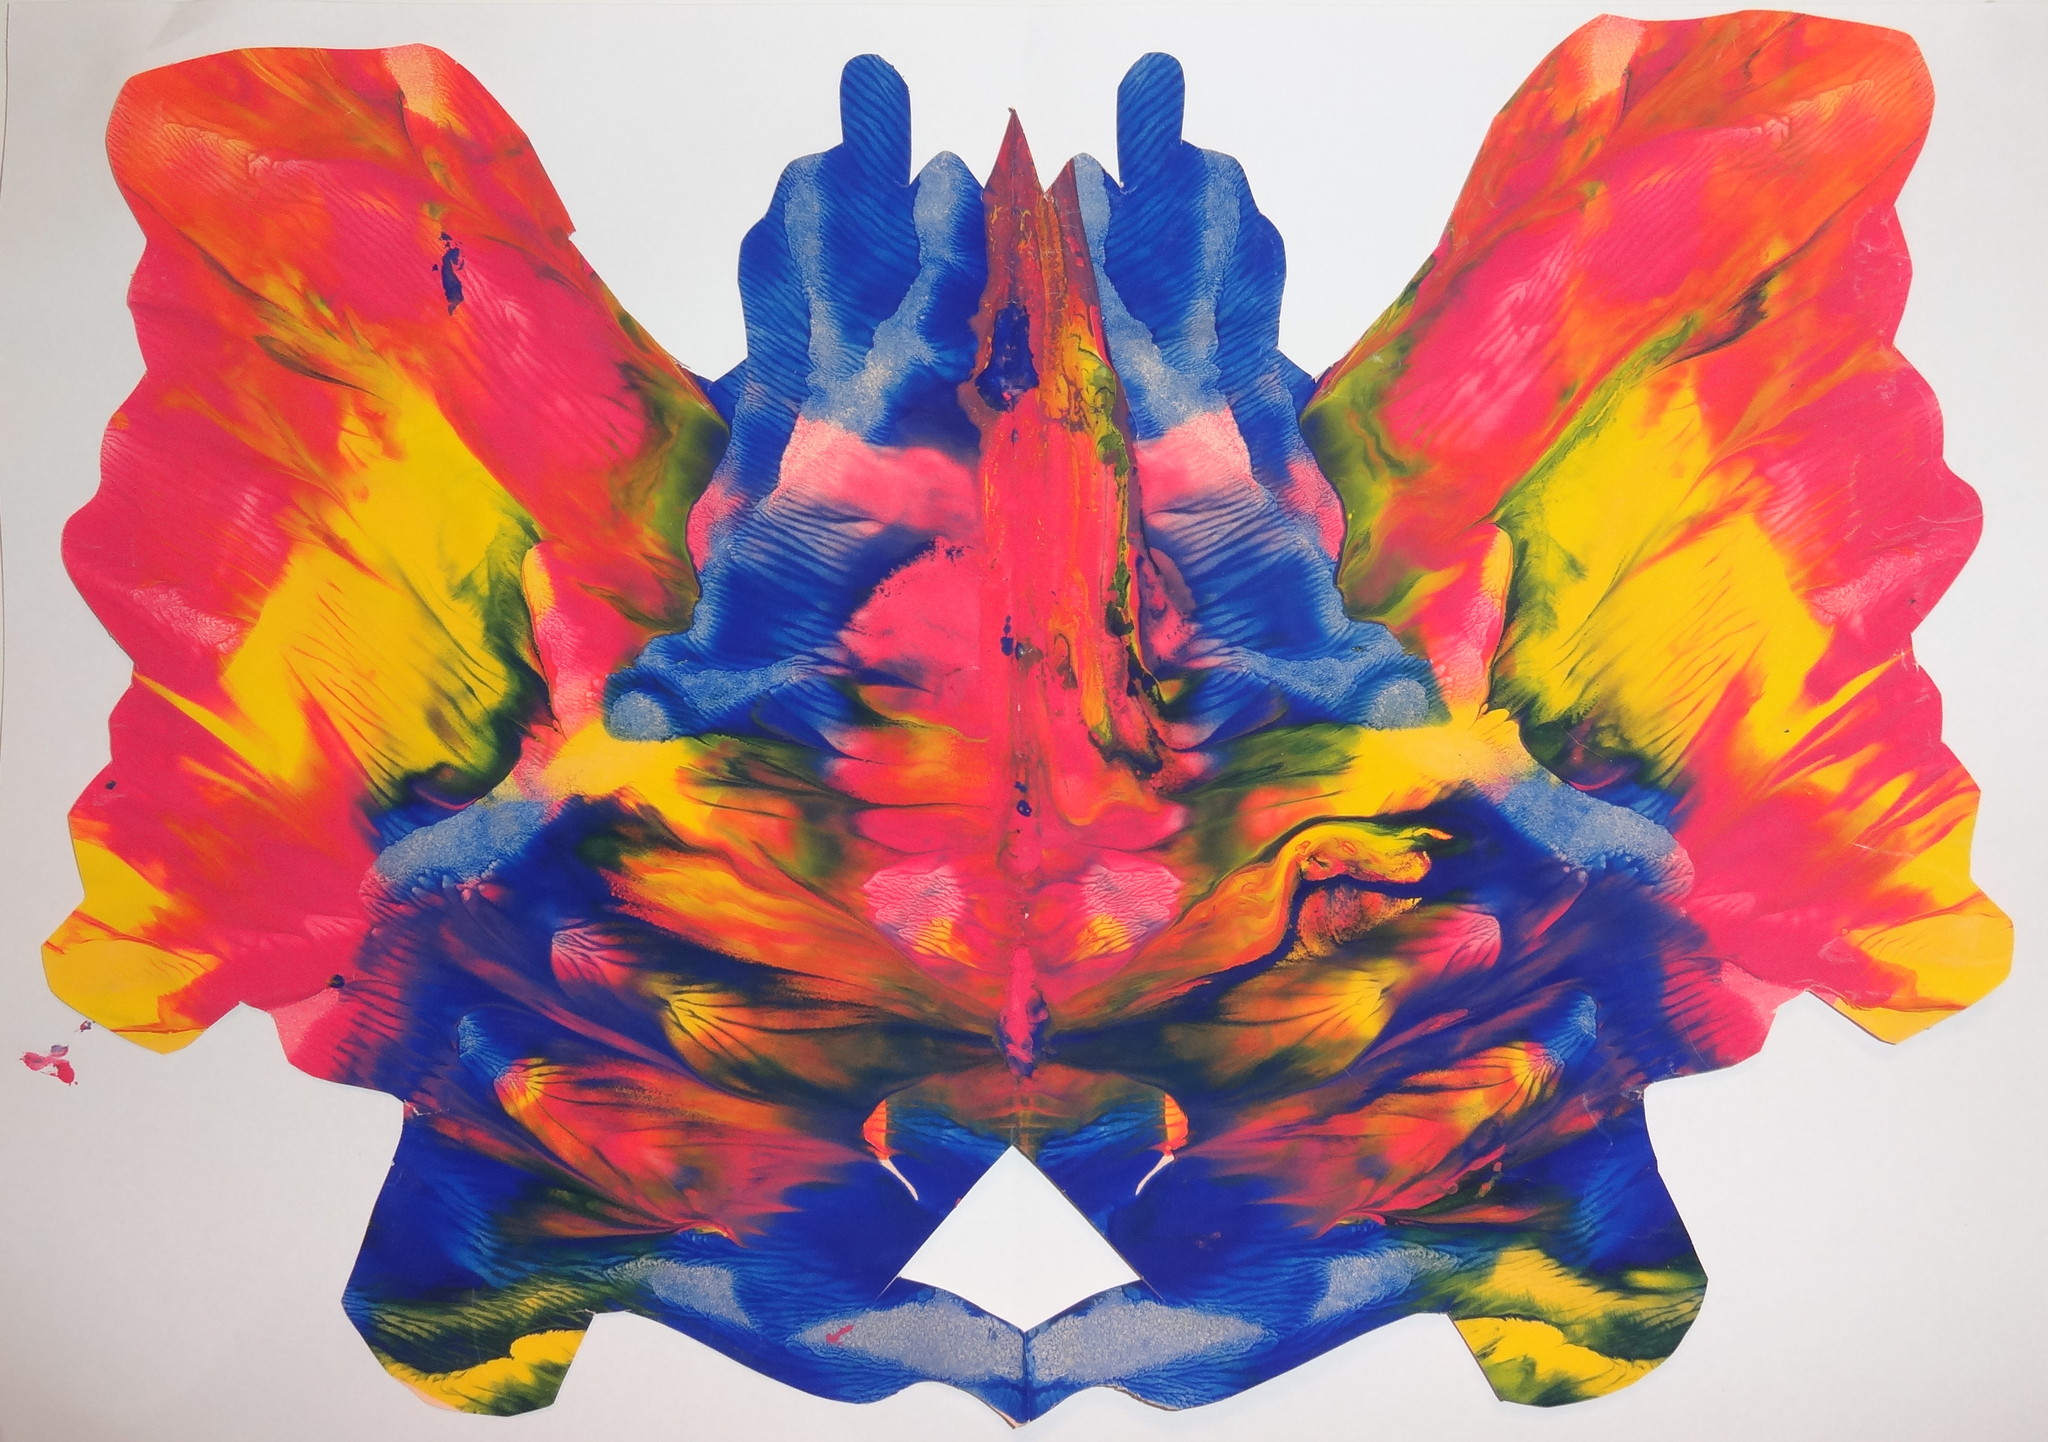 Symétrie Et Arts Plastiques - L' Ulis Blog à Arts Visuels Symétrie